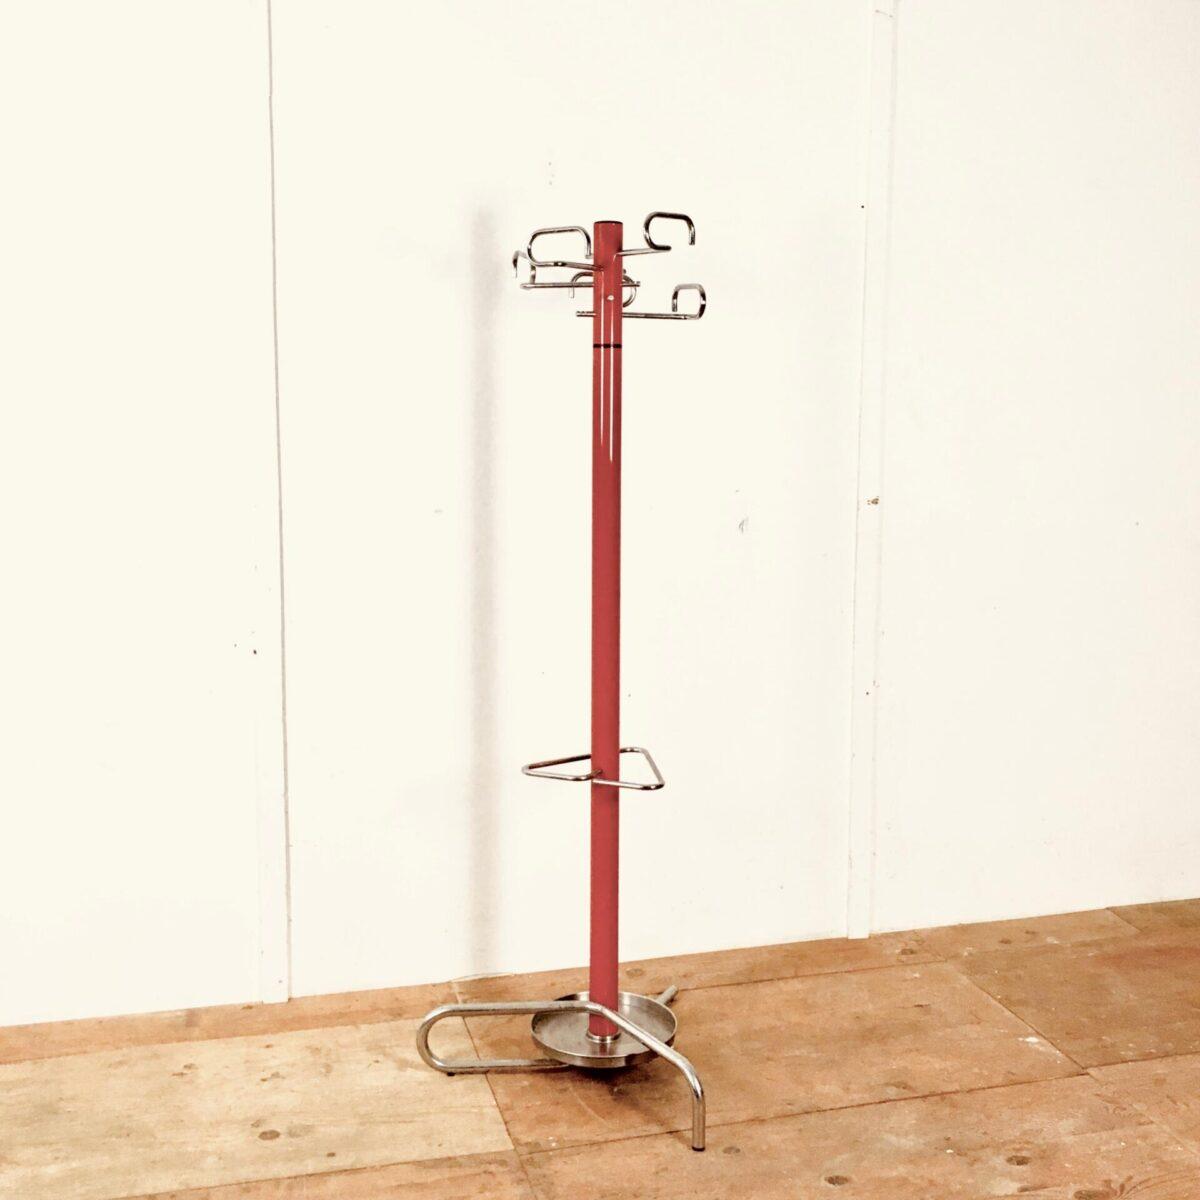 Vintage Garderobenständer. 147cm hoch Durchmesser standfläche ca. 60cm. Die Mittelstange rot lackiert der obere teil ist drehbar. Kleiderhaken, Standfuss und Schirm Halter Metall verchromt. Wasser tropfwanne Chromstahl.